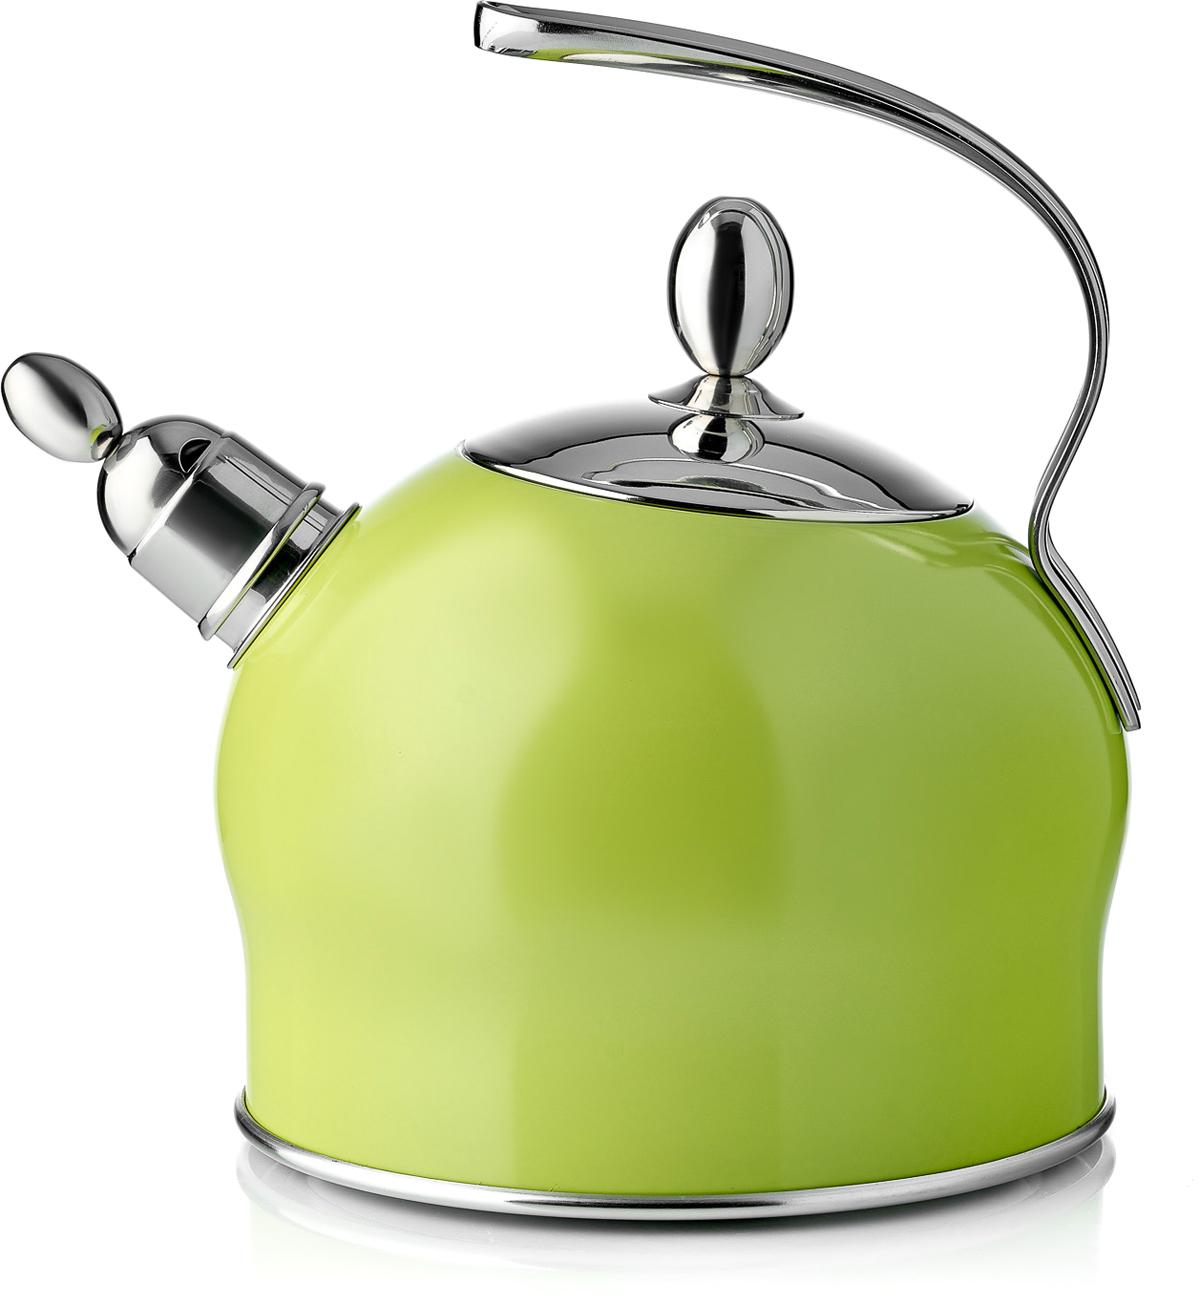 Чайник Esprado Ritade, со свистком, цвет: зеленый, 2,5 лCM000001328Чайник Esprado Ritade изготовлен из специальной высококачественной нержавеющей пищевой стали Steelagen, разработанной датскими специалистами марки Esprado. Благодаря отличным антикоррозионным свойствам Steelagen устойчива к воздействию соленой и кислой сред. Сталь прочна и долговечна, а также безопасна для здоровья человека и окружающей среды. Внешние стенки чайника покрыты цветной жаростойкой эмалью, выдерживающей нагрев до 220°С. Трехслойное капсулированное дно (нержавеющая сталь, алюминий, магнитная сталь) обеспечивает равномерный нагрев посуды и постепенное остывание (эффект томления). Чайник оснащен удобной стальной ручкой. Носик чайника имеет насадку-свисток, что позволит вам контролировать процесс подогрева или кипячения воды.Подходит для использования на всех видах плит, включая индукционные.В Испании распространен горшочек-яблоко, в котором готовят традиционный испанский томатный суп, - считается, что в посуде именно такой формы тушеные блюда и супы густой консистенции получаются просто идеальными.Торговая марка Esprado представляет аналог этой известной посуды - коллекцию Ritade, произведенную с использованием современных высококачественных материалов и покрытий. Коллекция отличается современным дизайном, и благодаря округлой форме и насыщенному цвету выглядит очень привлекательно.